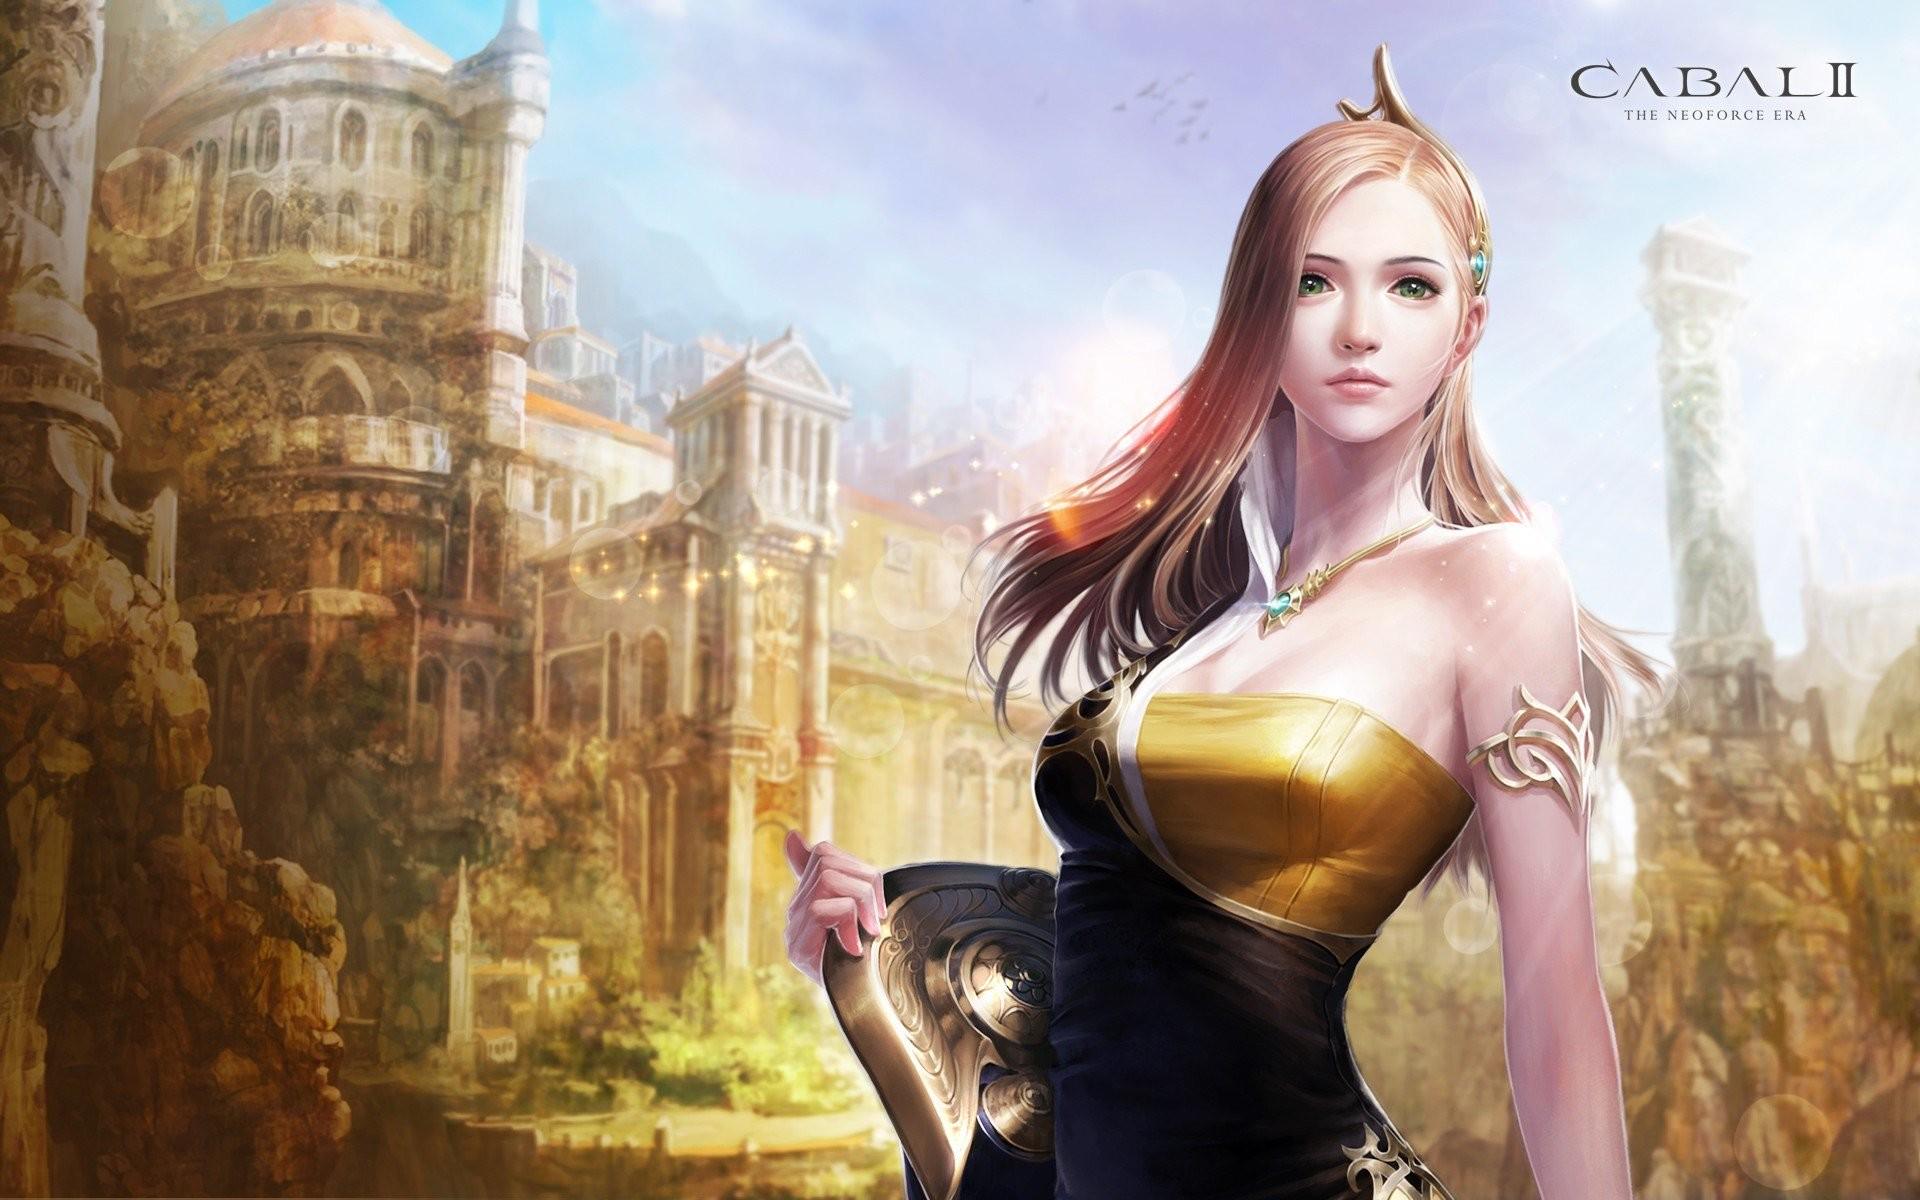 Beautiful Game Girl